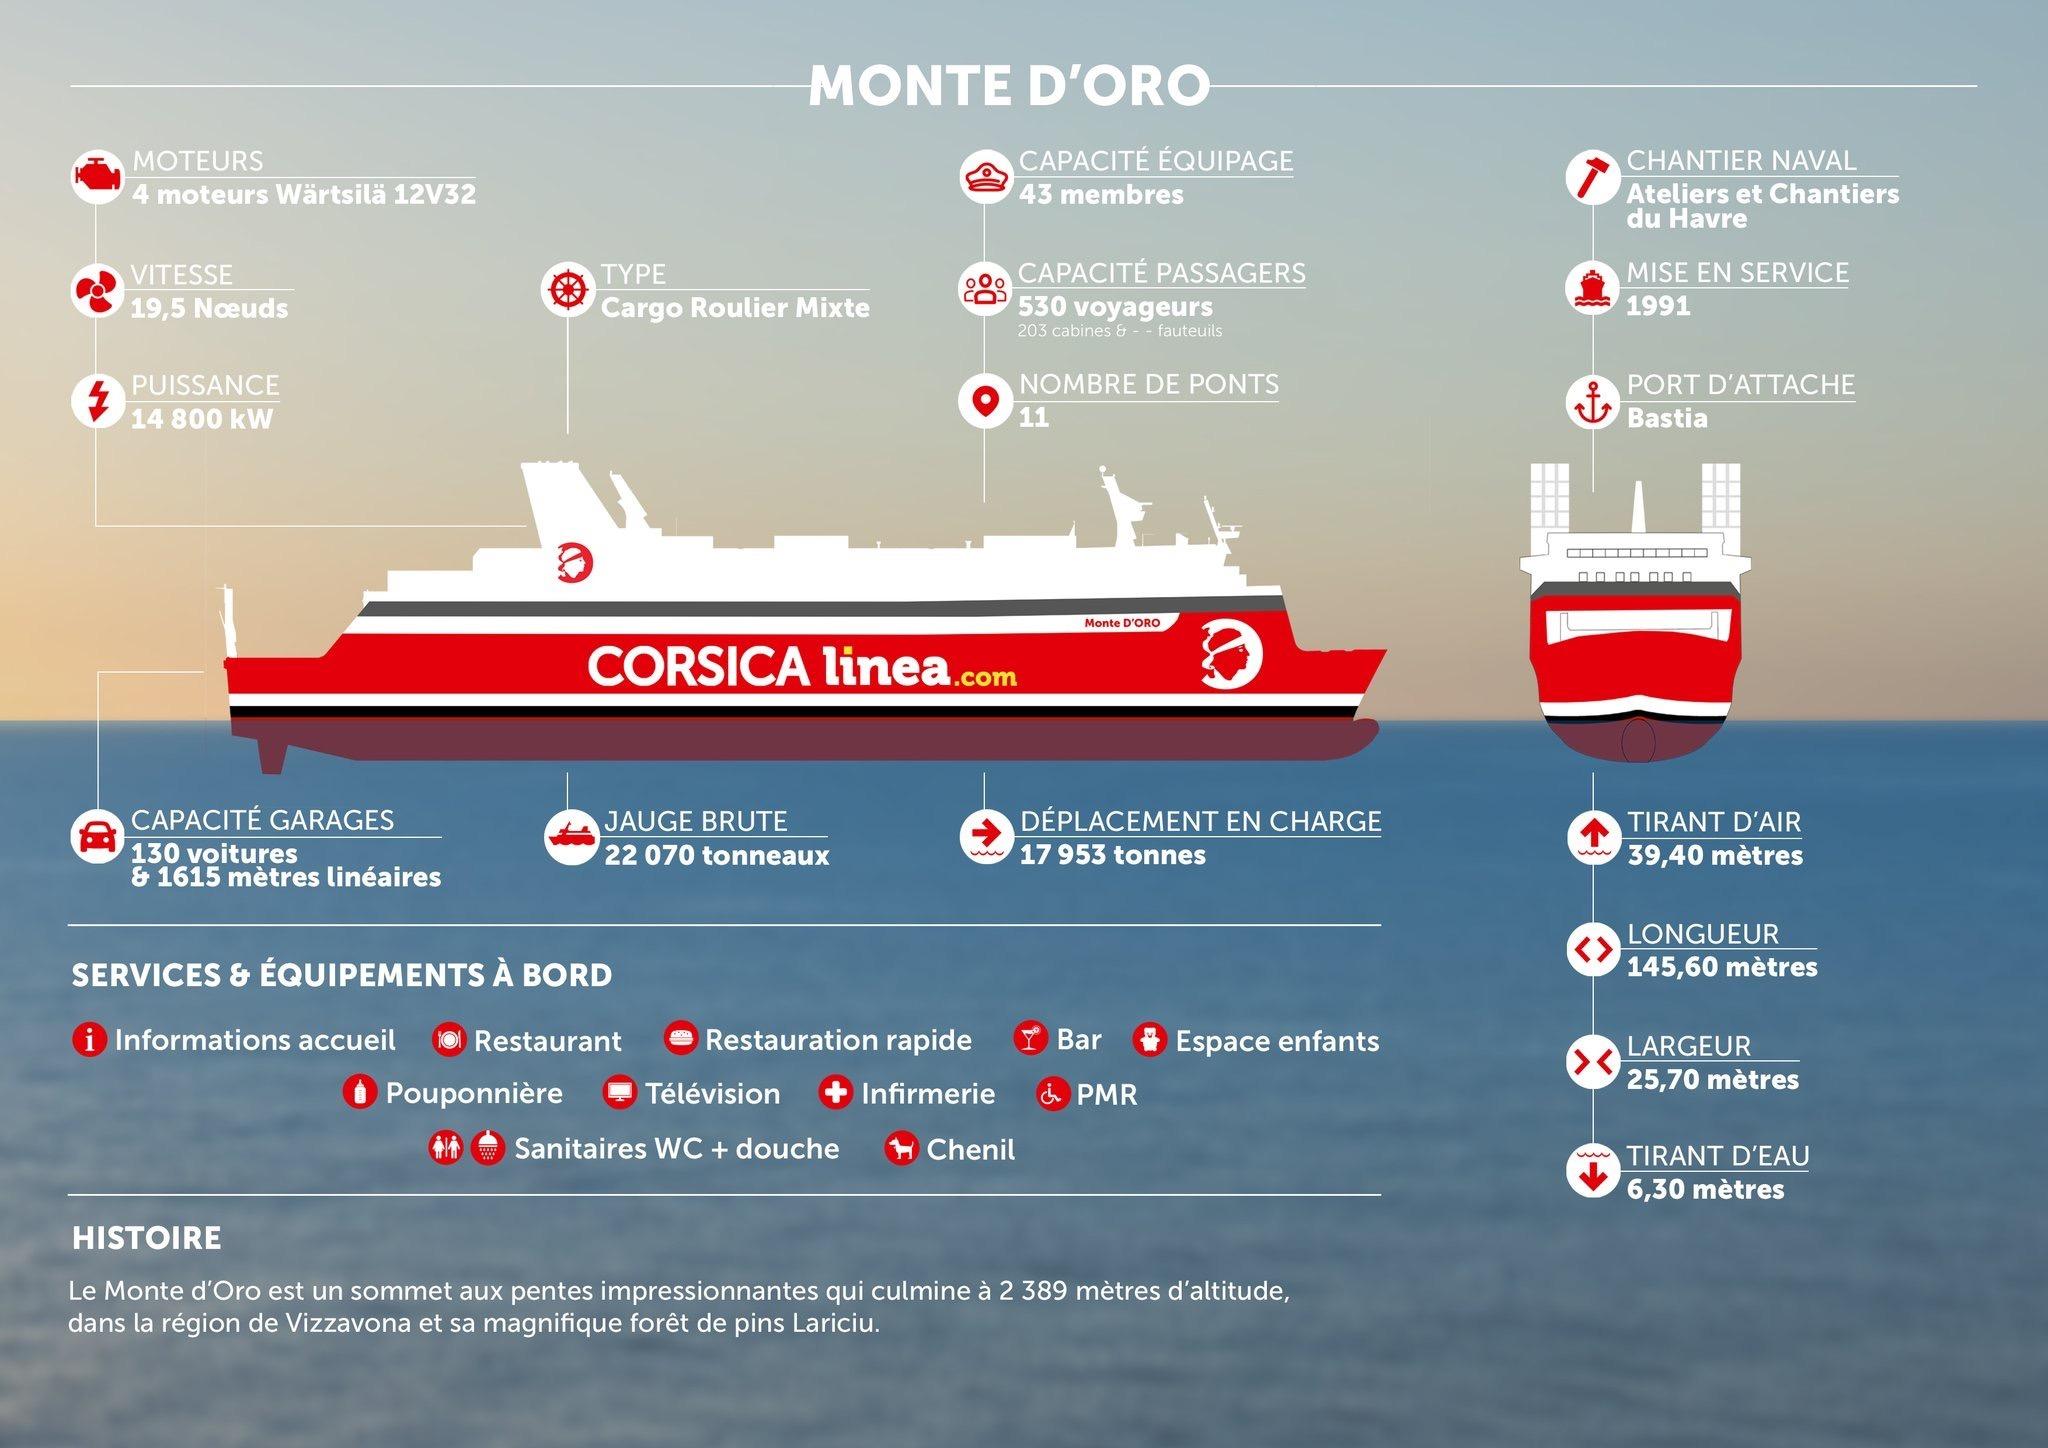 CorsicaCom-Agence média-régie publicitaire-publicité Corse écran affiche Monte d'oro